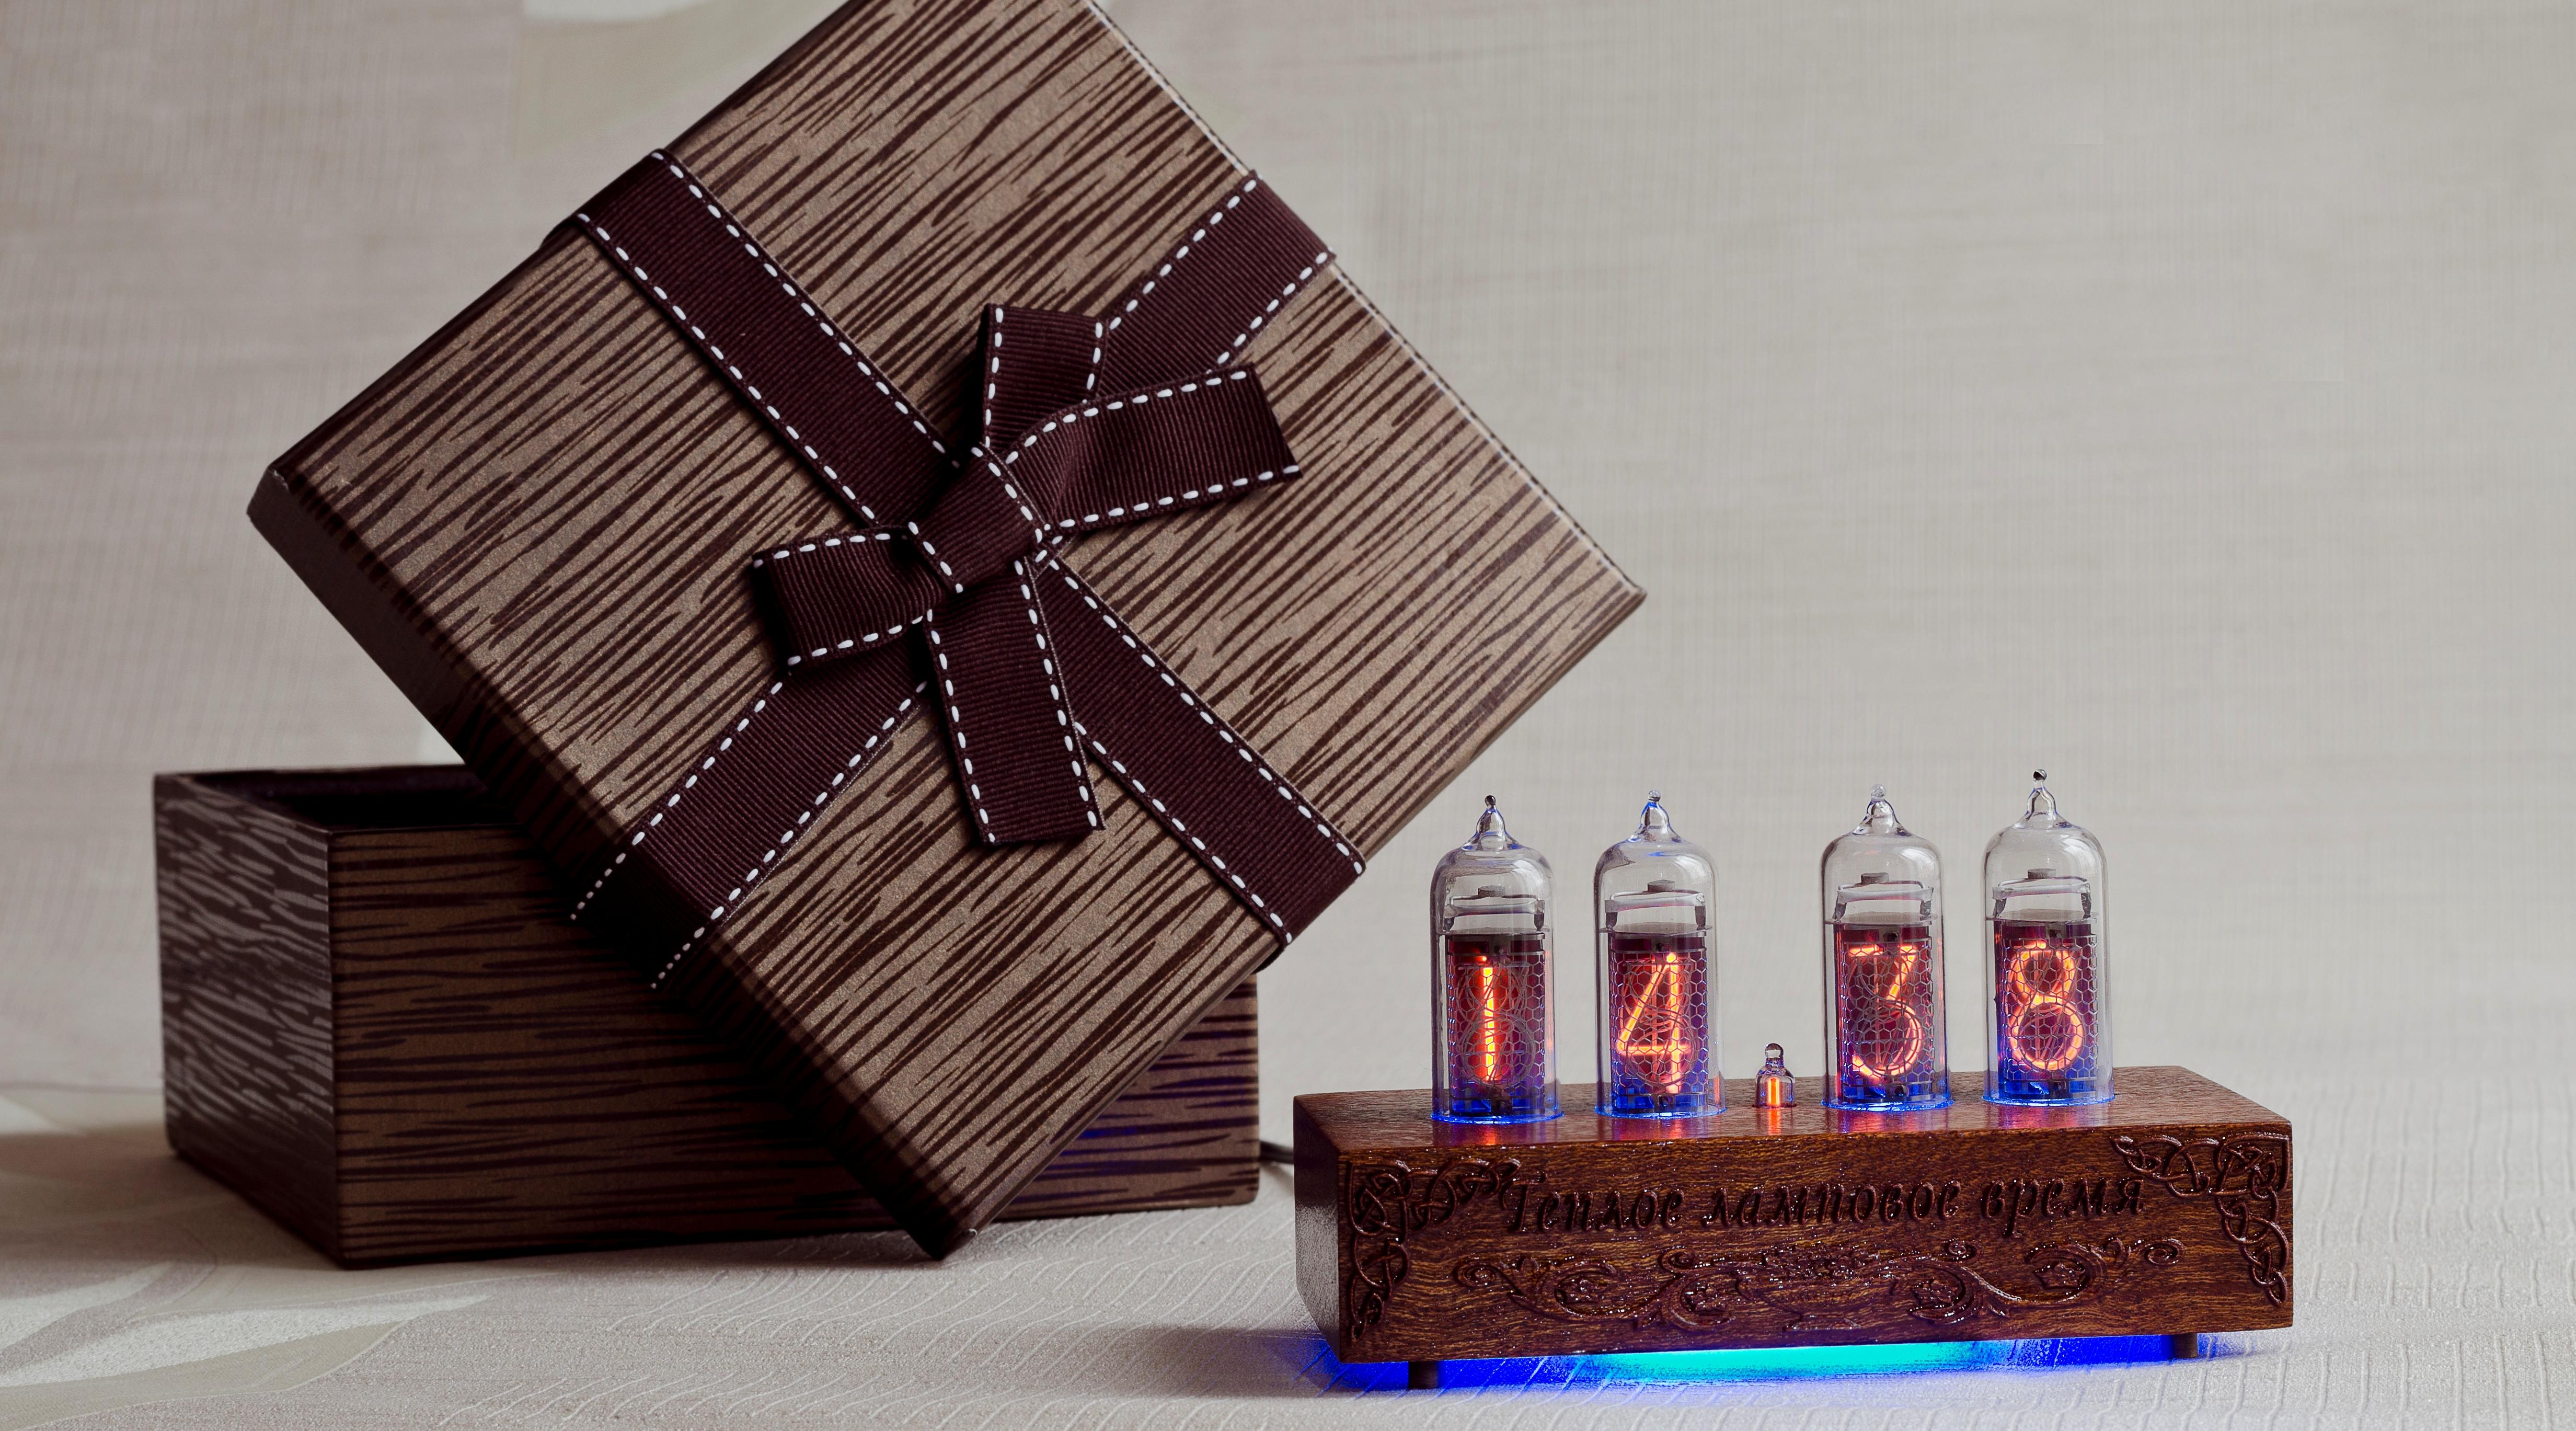 Ламповые подарочные часы